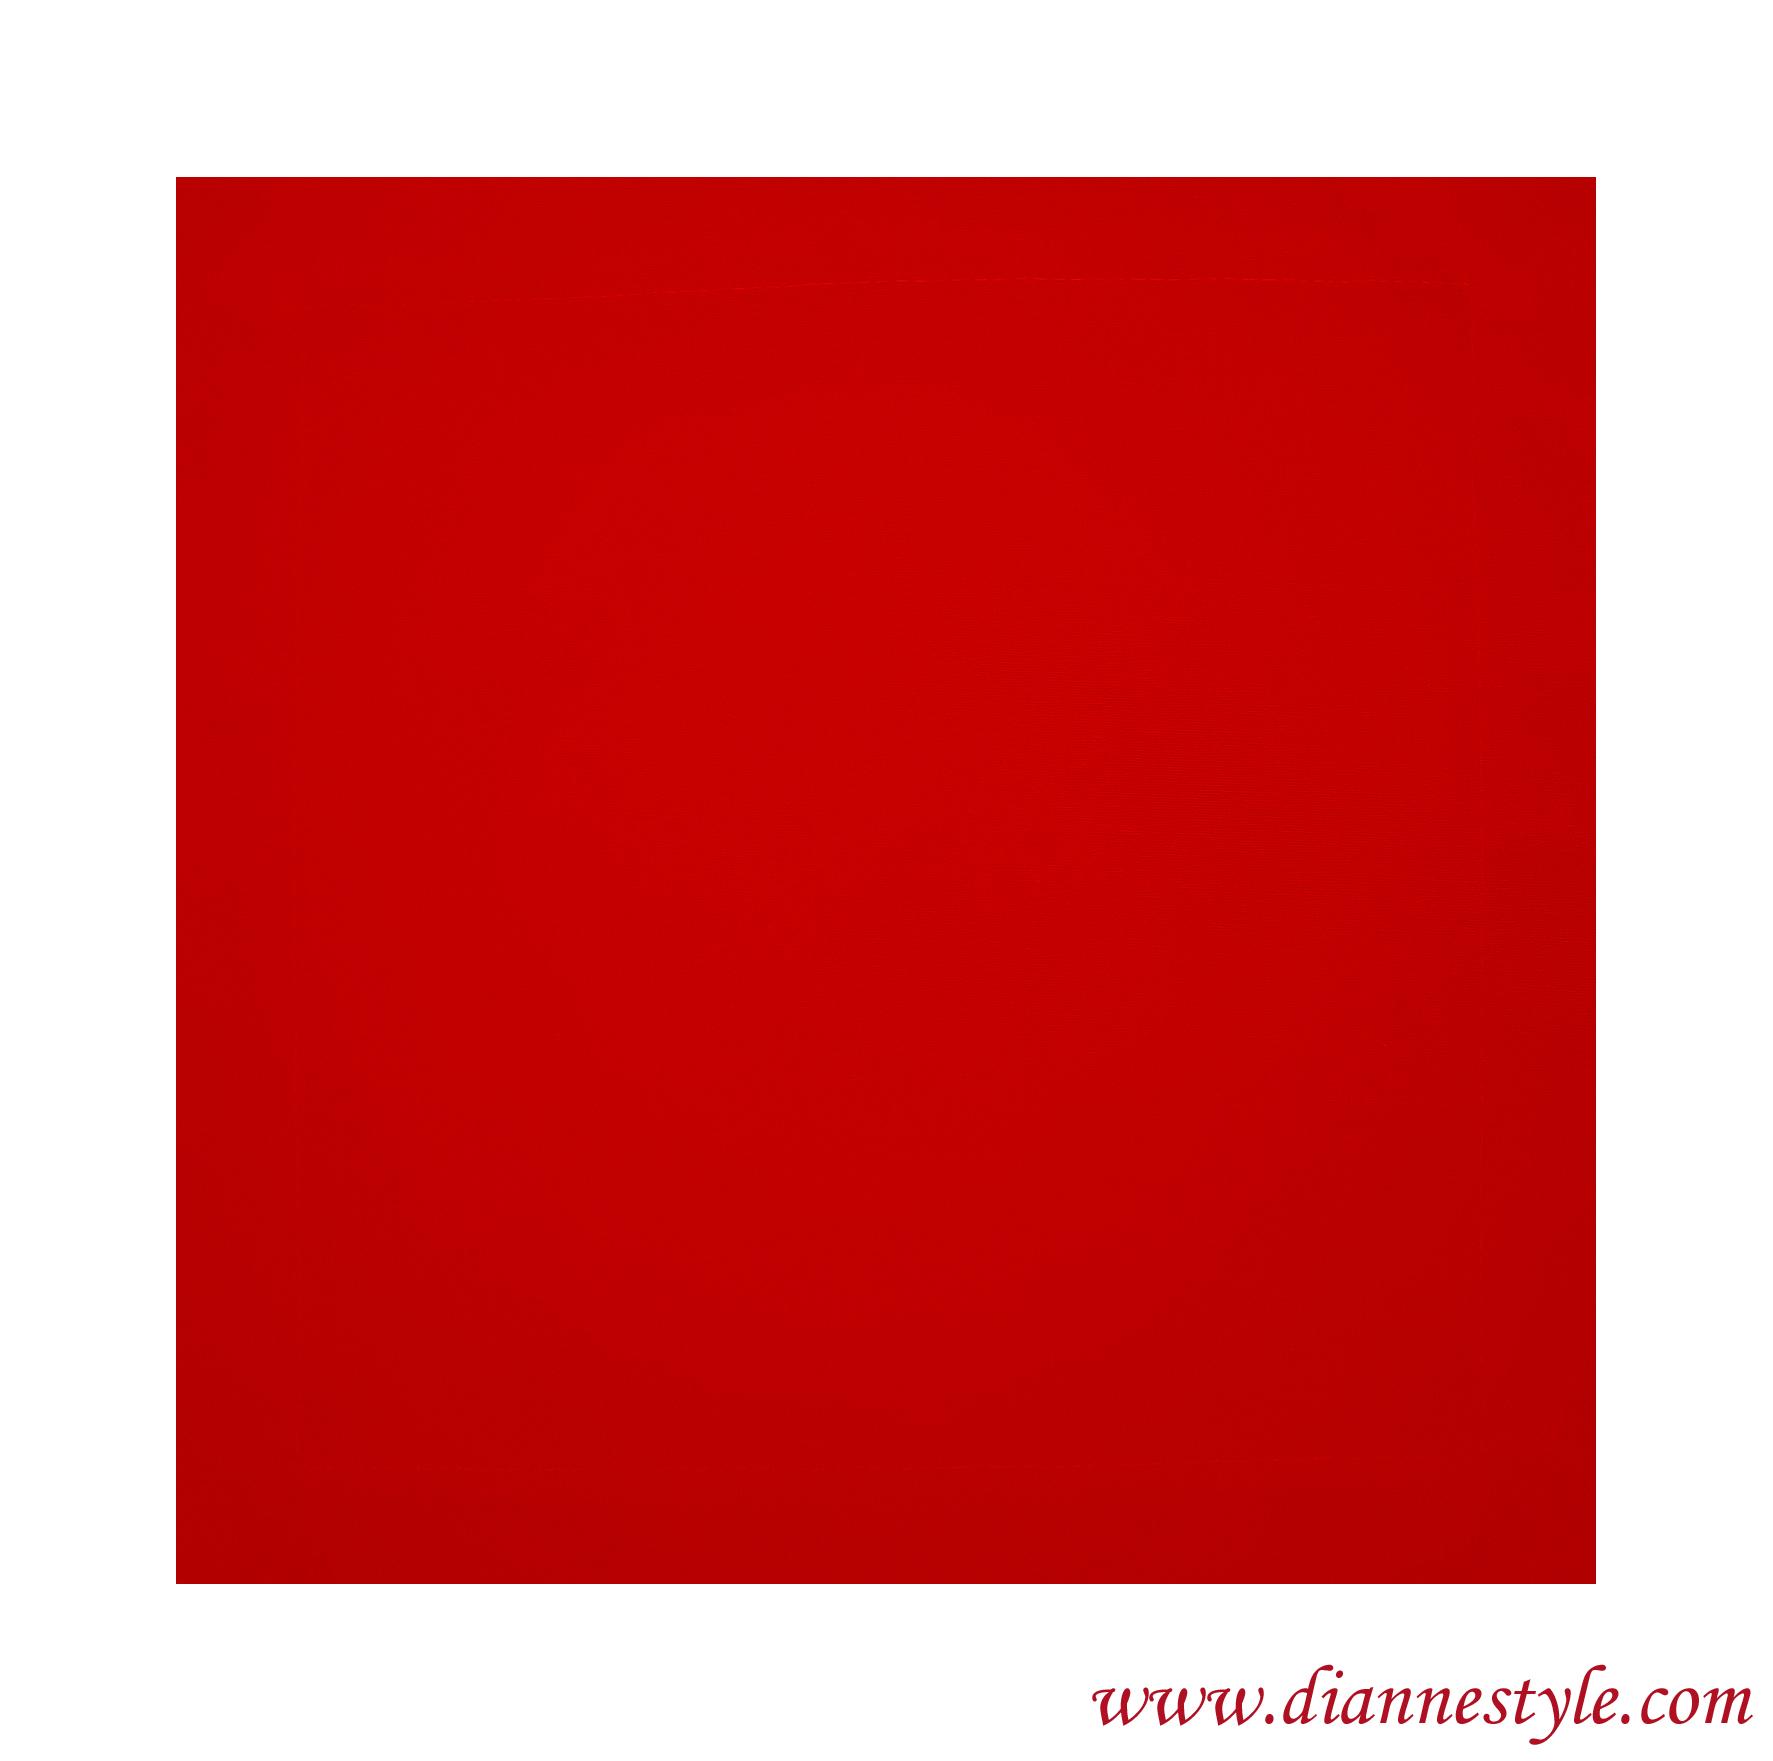 Serviette de table rouge. 30x30 cm. Réf. 276